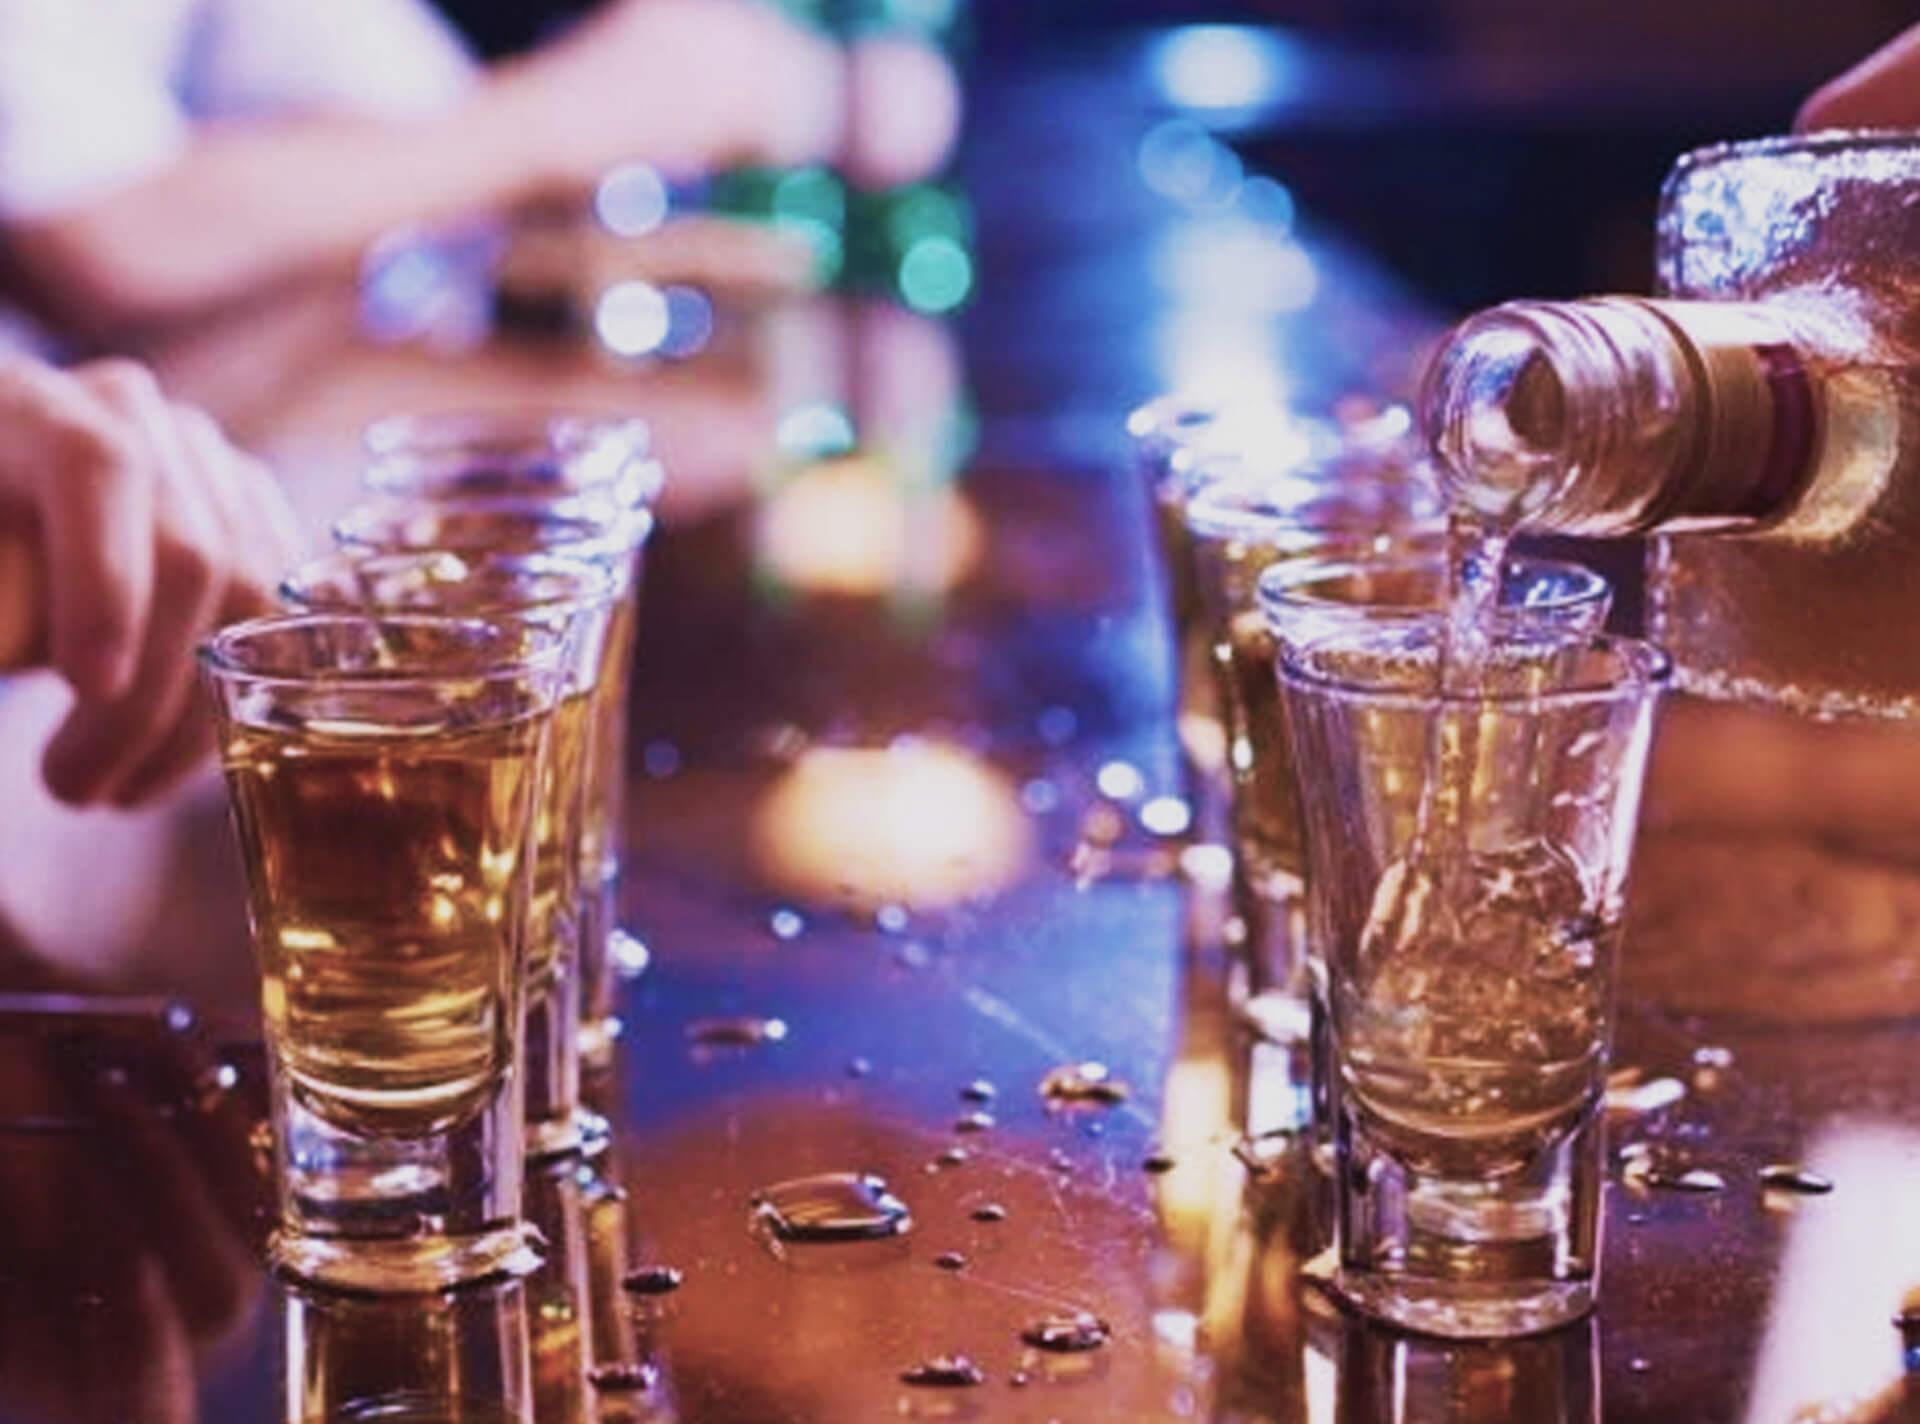 A prática de binge drinking entre jovens e o papel das promoções de bebidas alcoólicas: uma questão de saúde pública